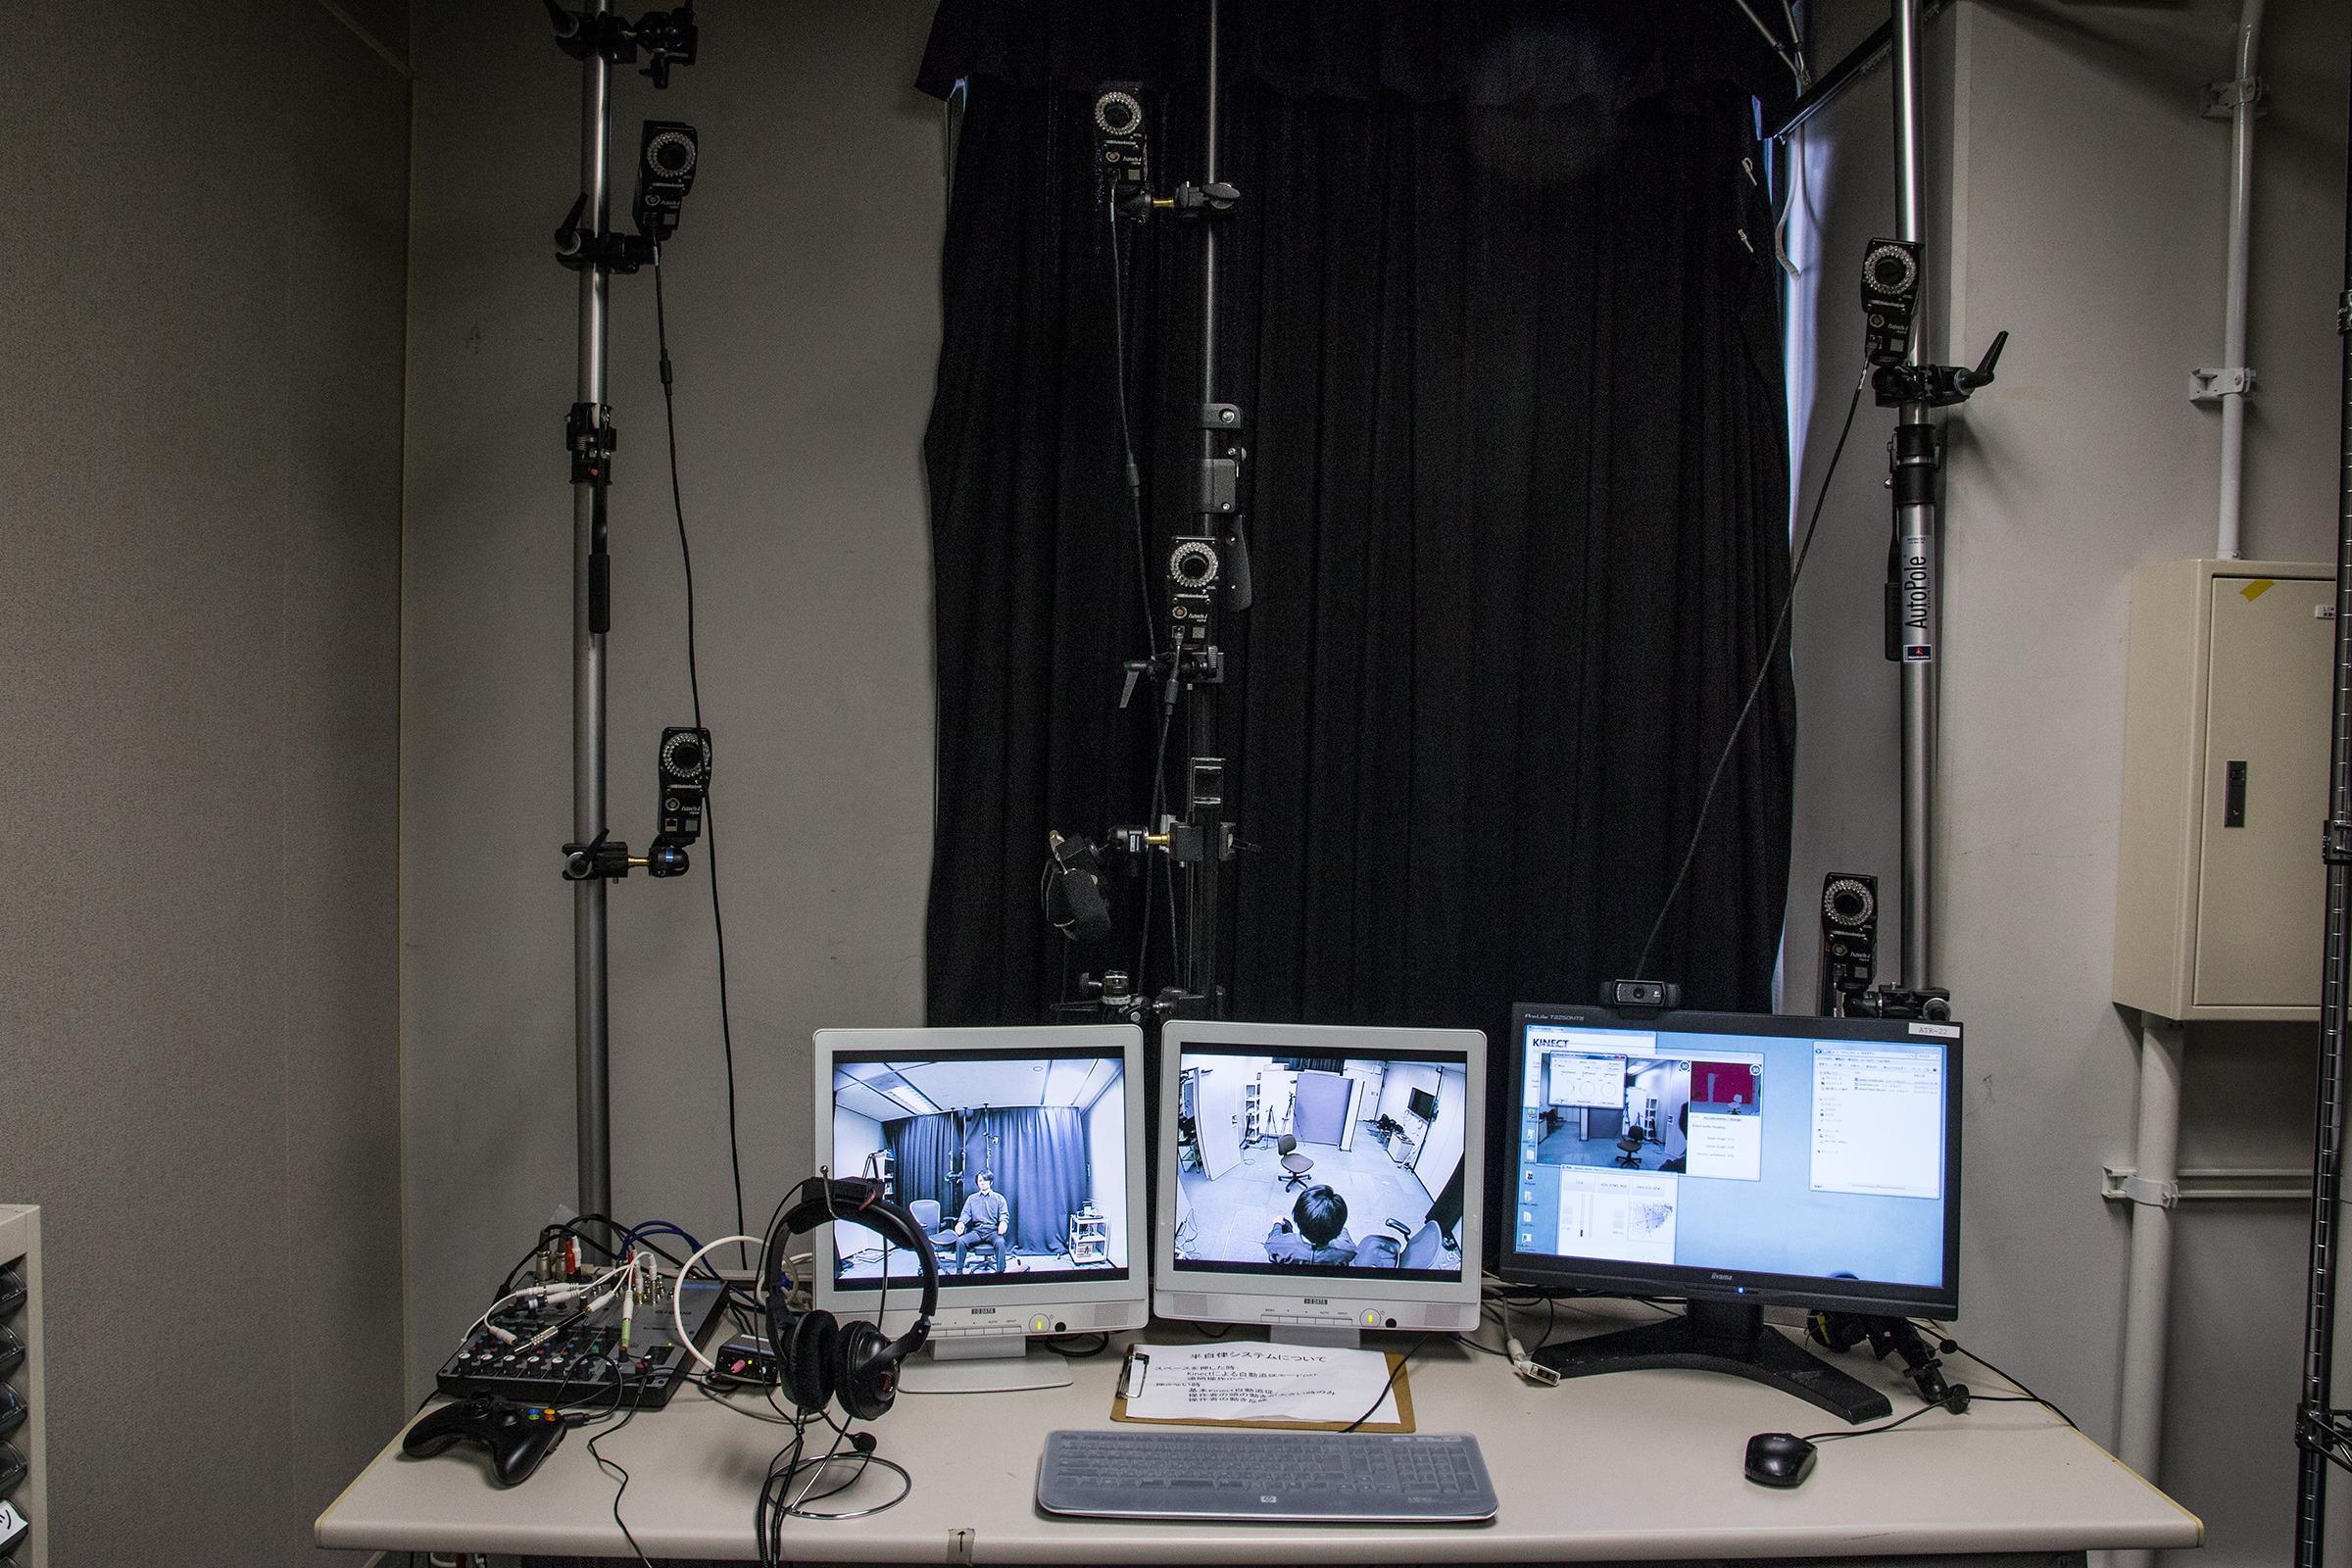 Fra denne kontrollstasjonen styres androiden; enten den er i naborommet eller på et annet kontinent.Foto: Varg Aamo, Hardware.no